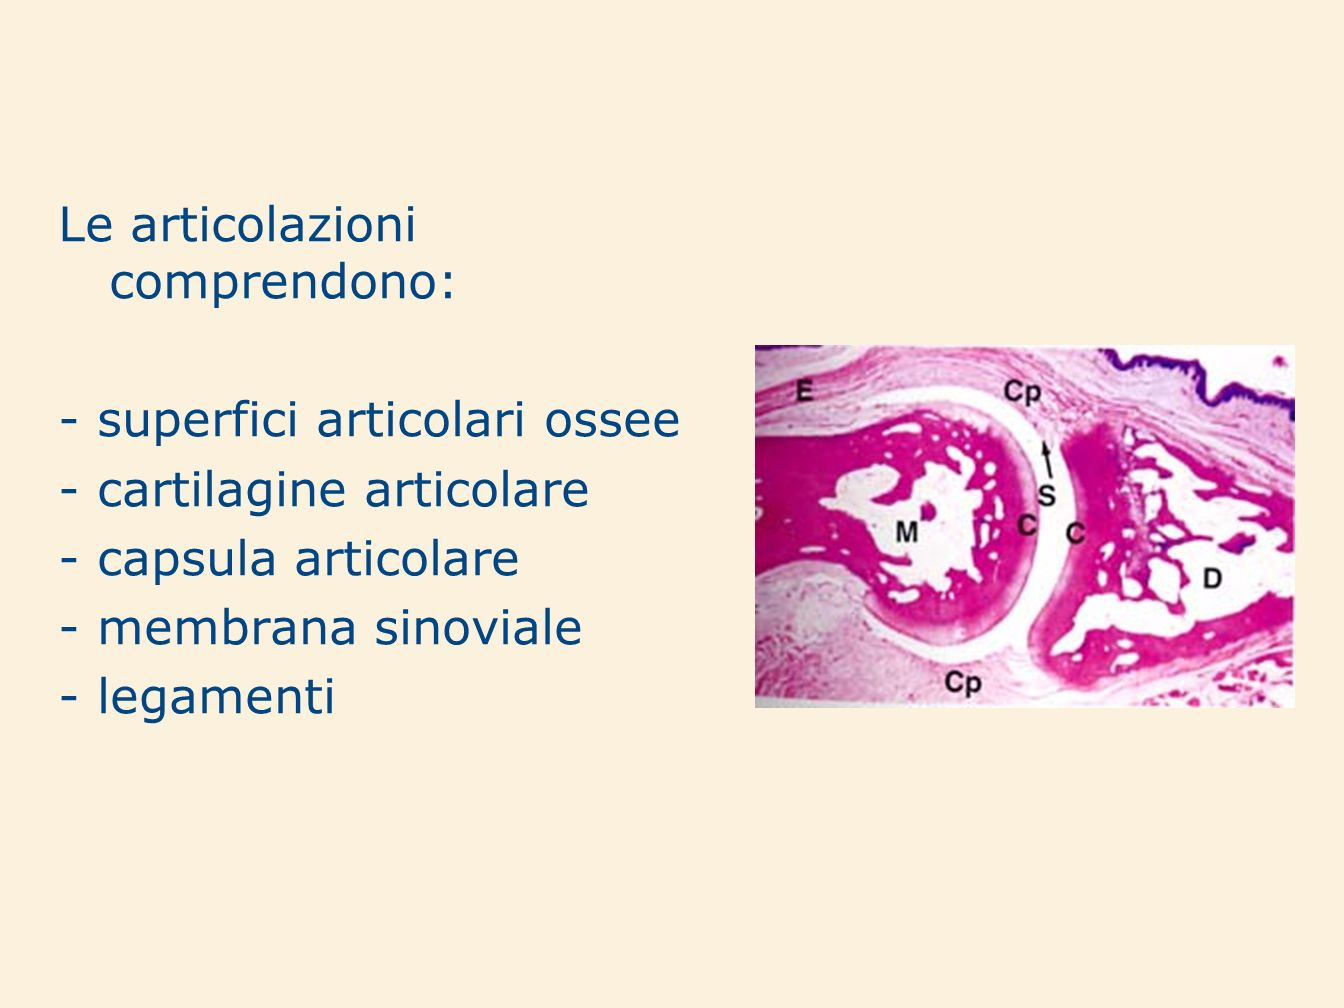 Le articolazioni comprendono: - superfici articolari ossee - cartilagine articolare - capsula articolare - membrana sinoviale - legamenti